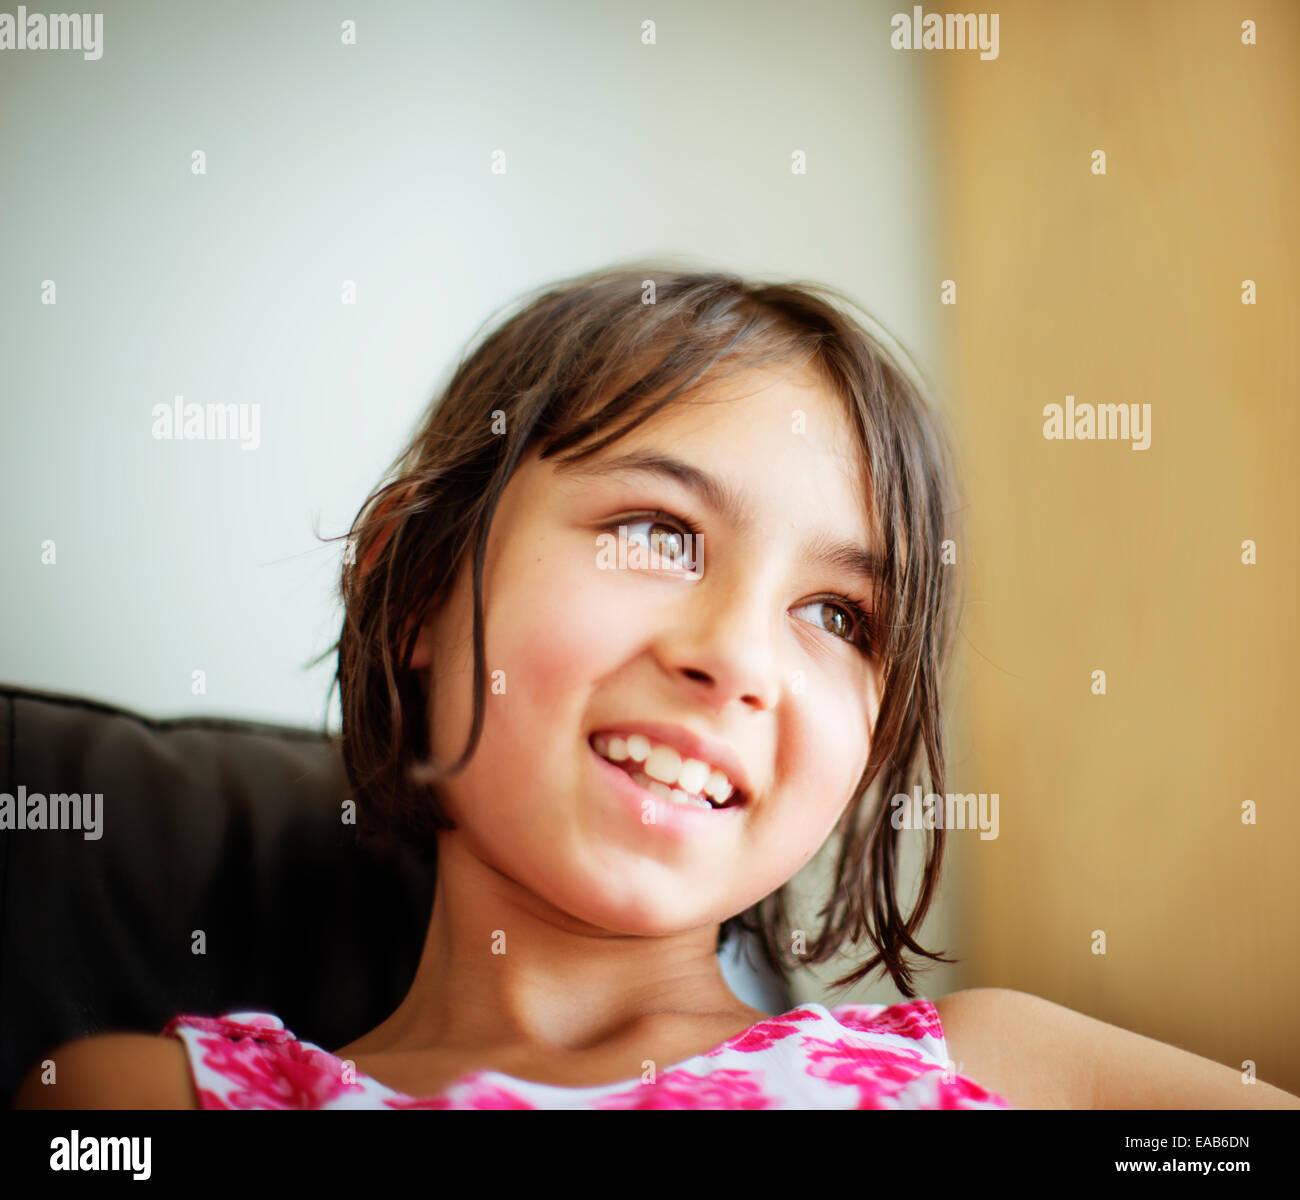 Chica sonriente retrato Imagen De Stock